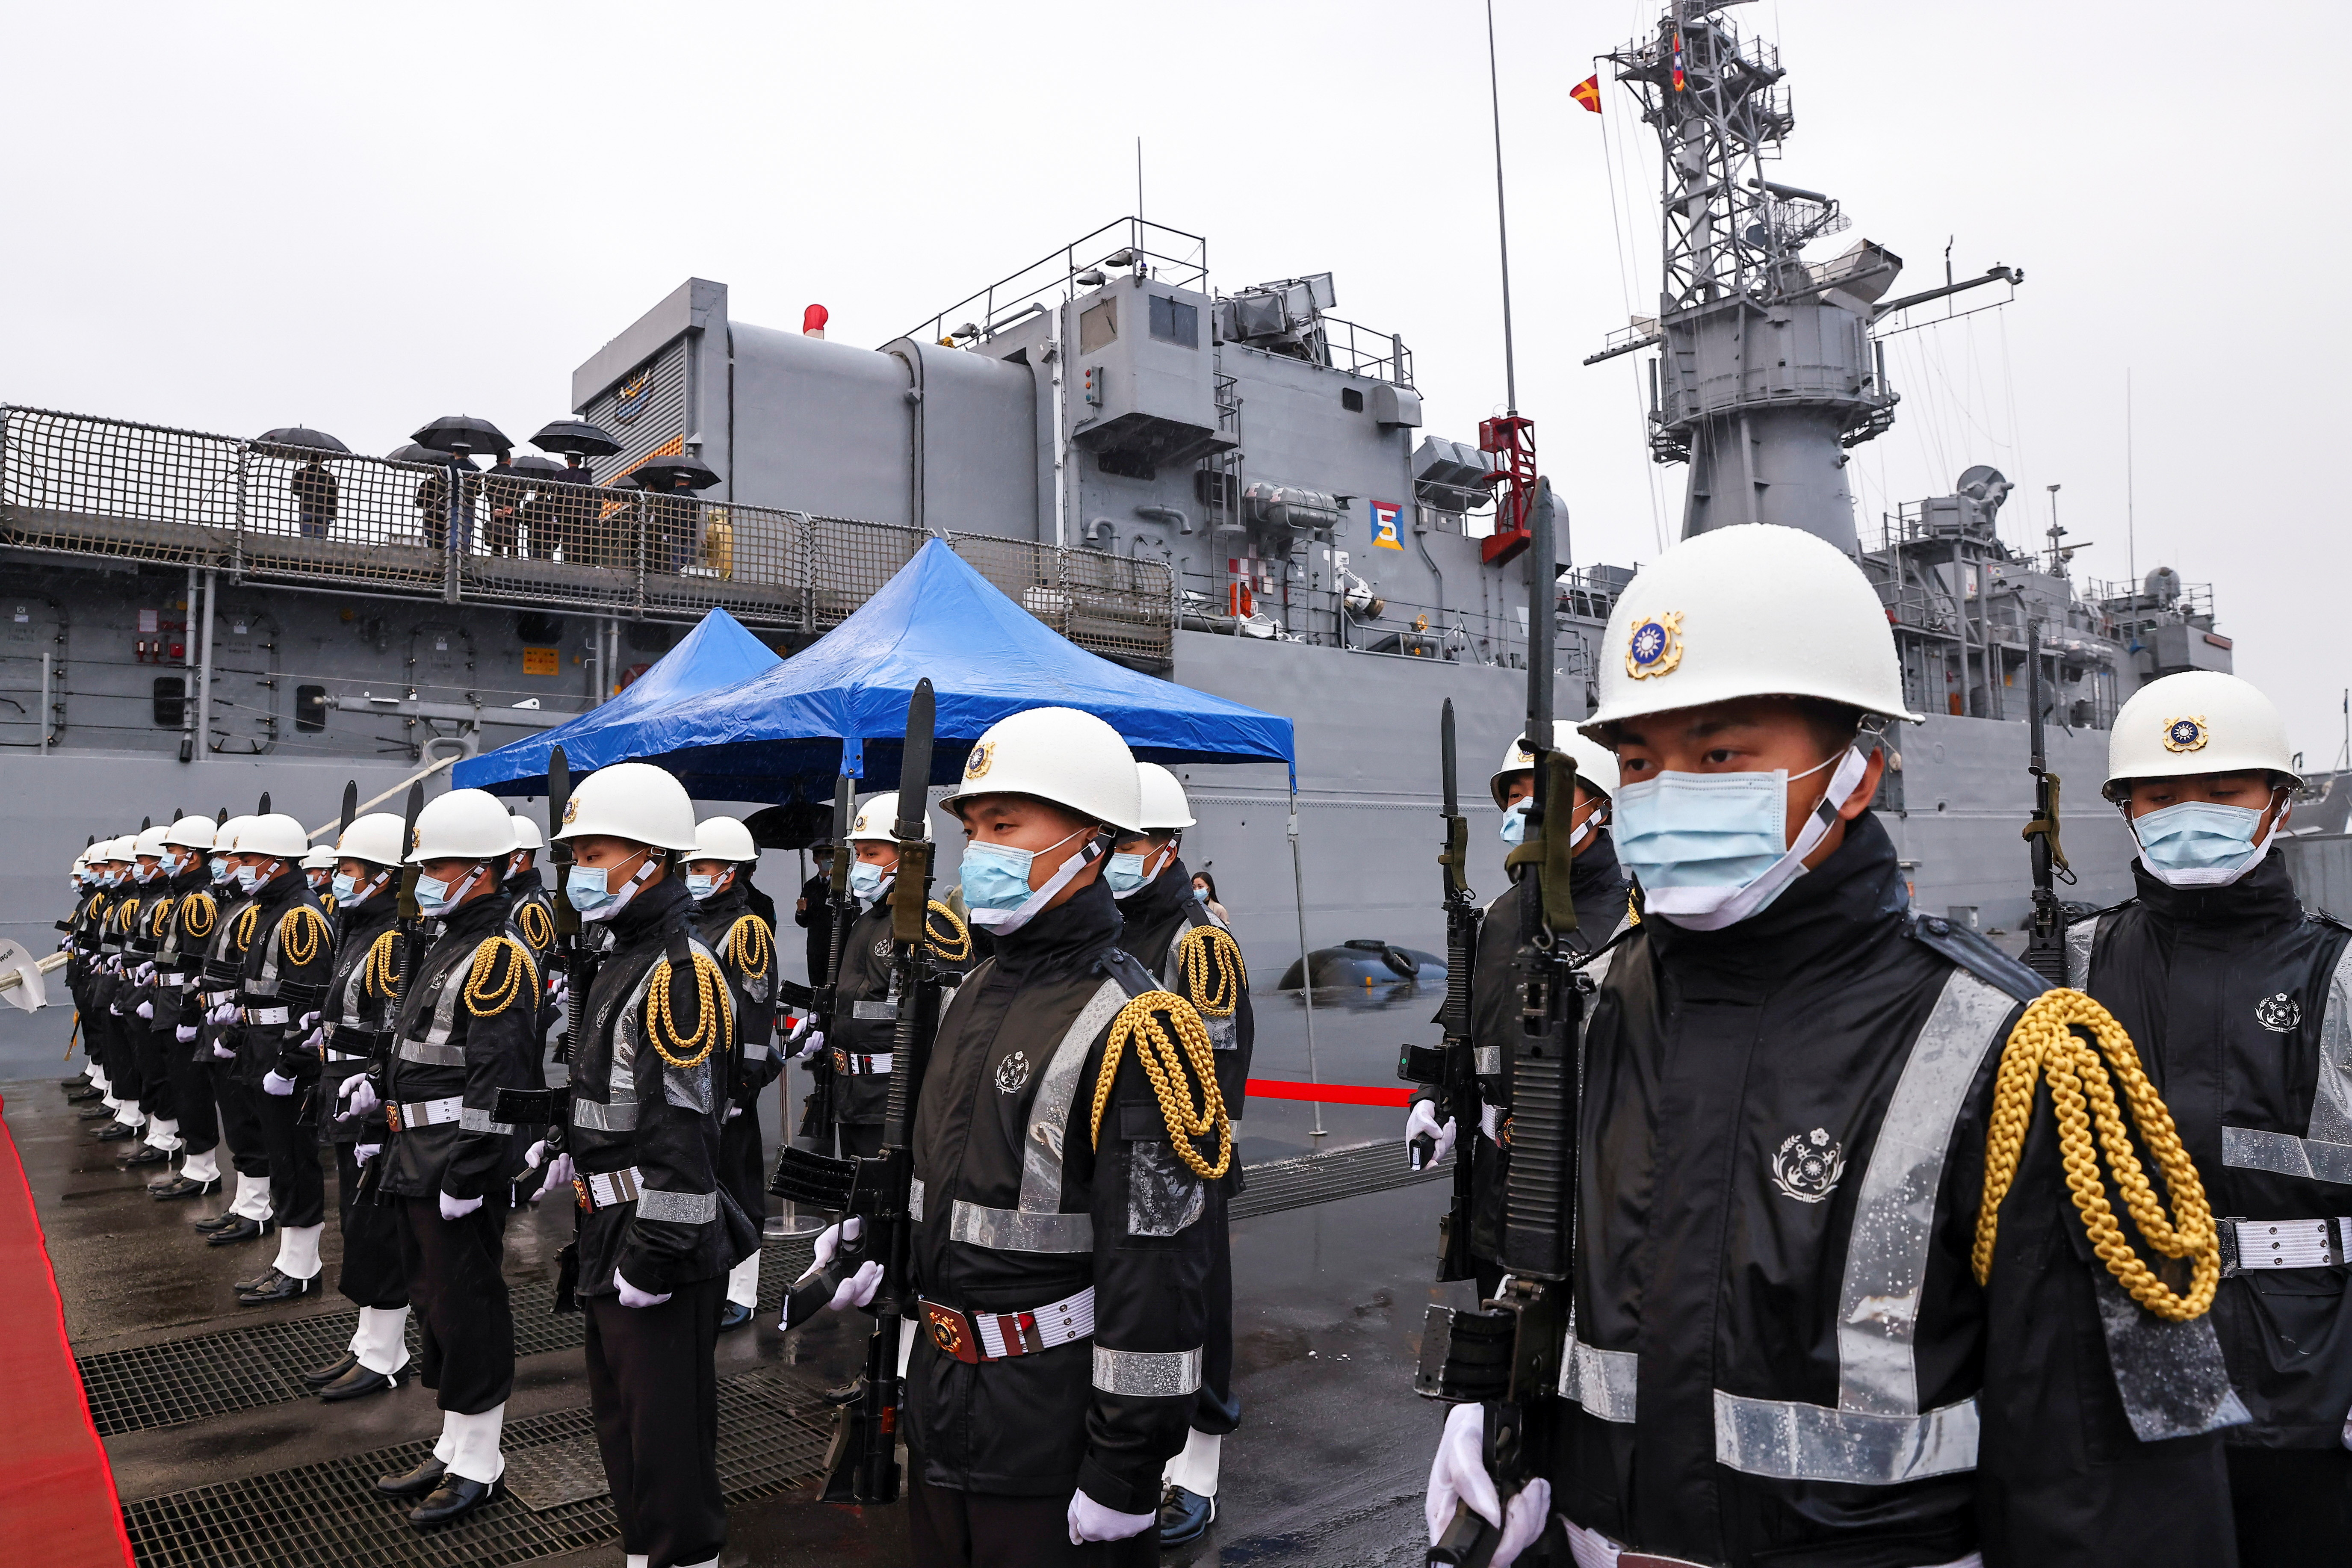 ▲▼台灣軍事訓練役期僅為4個月,與南韓、新加坡的20個月相比嚴重不足。(圖/路透社)